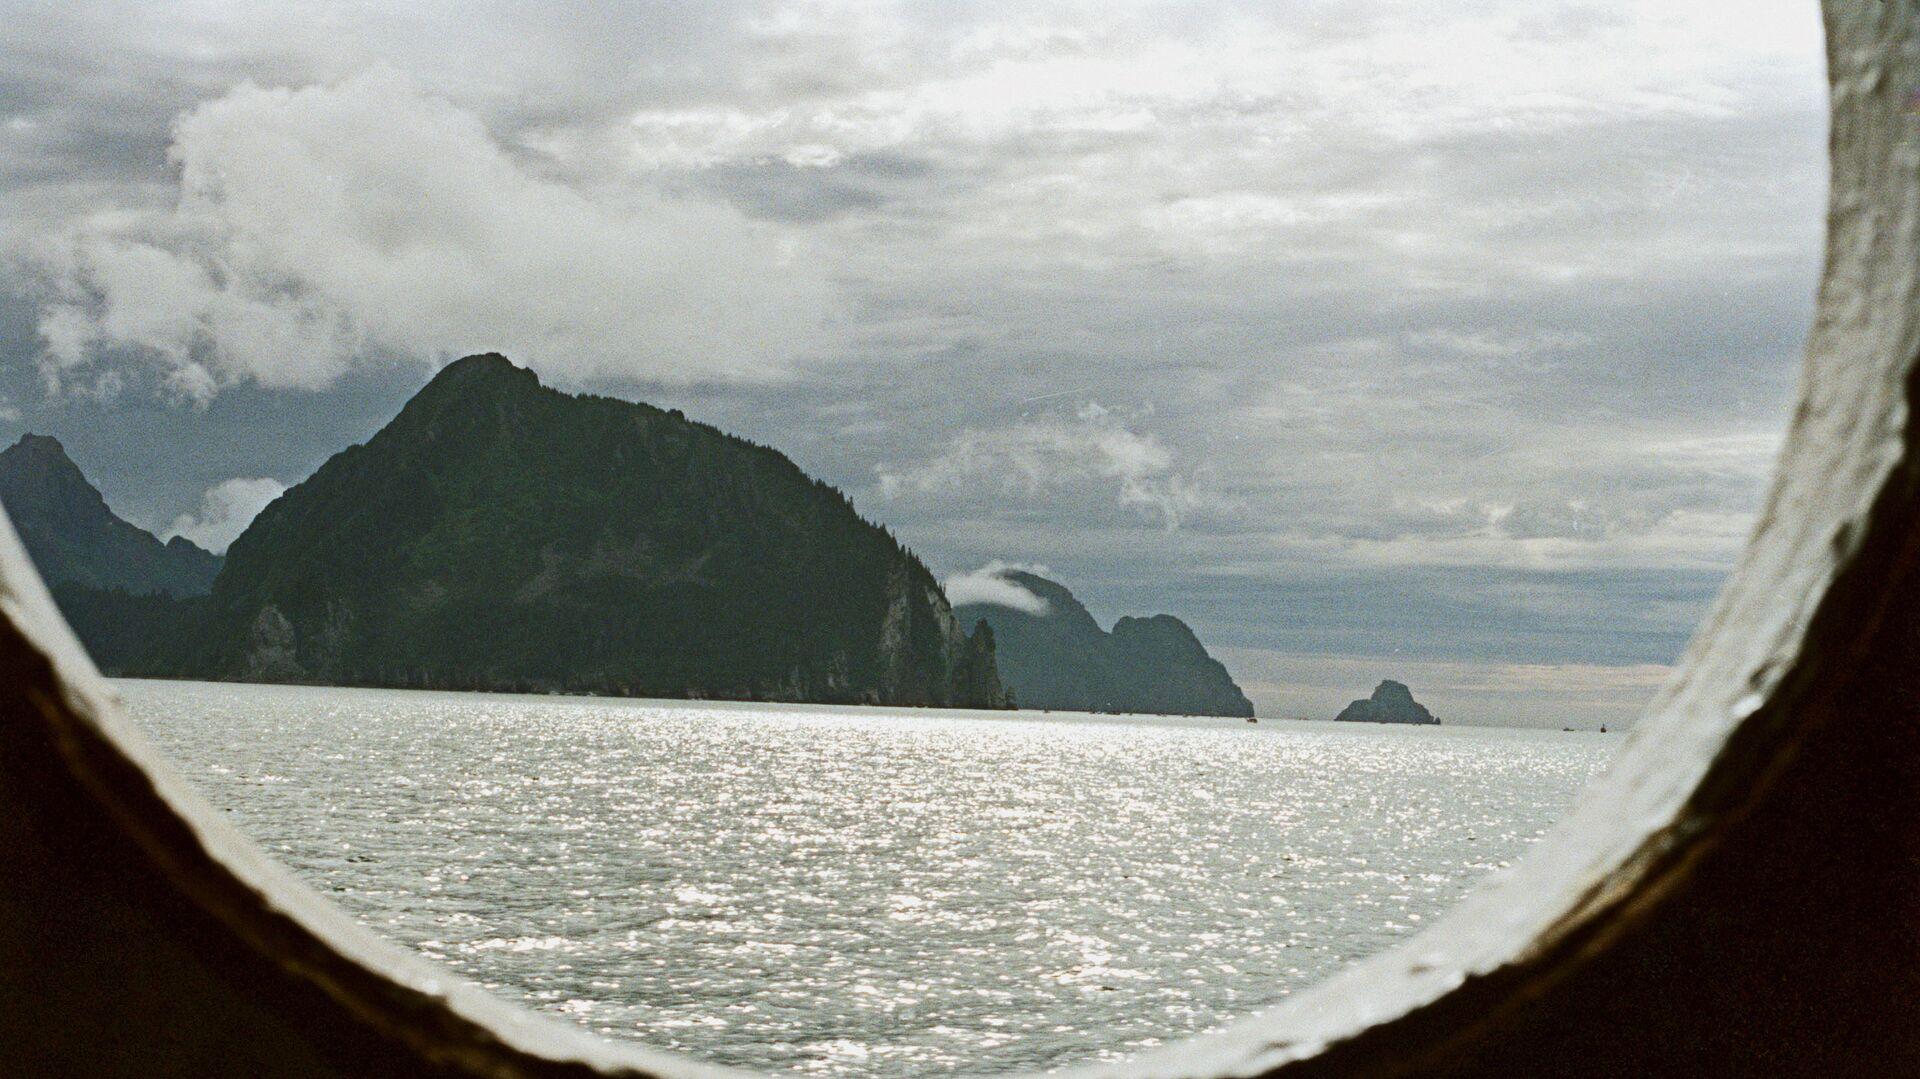 Вид на Аляску из корабельного окна - РИА Новости, 1920, 29.07.2021